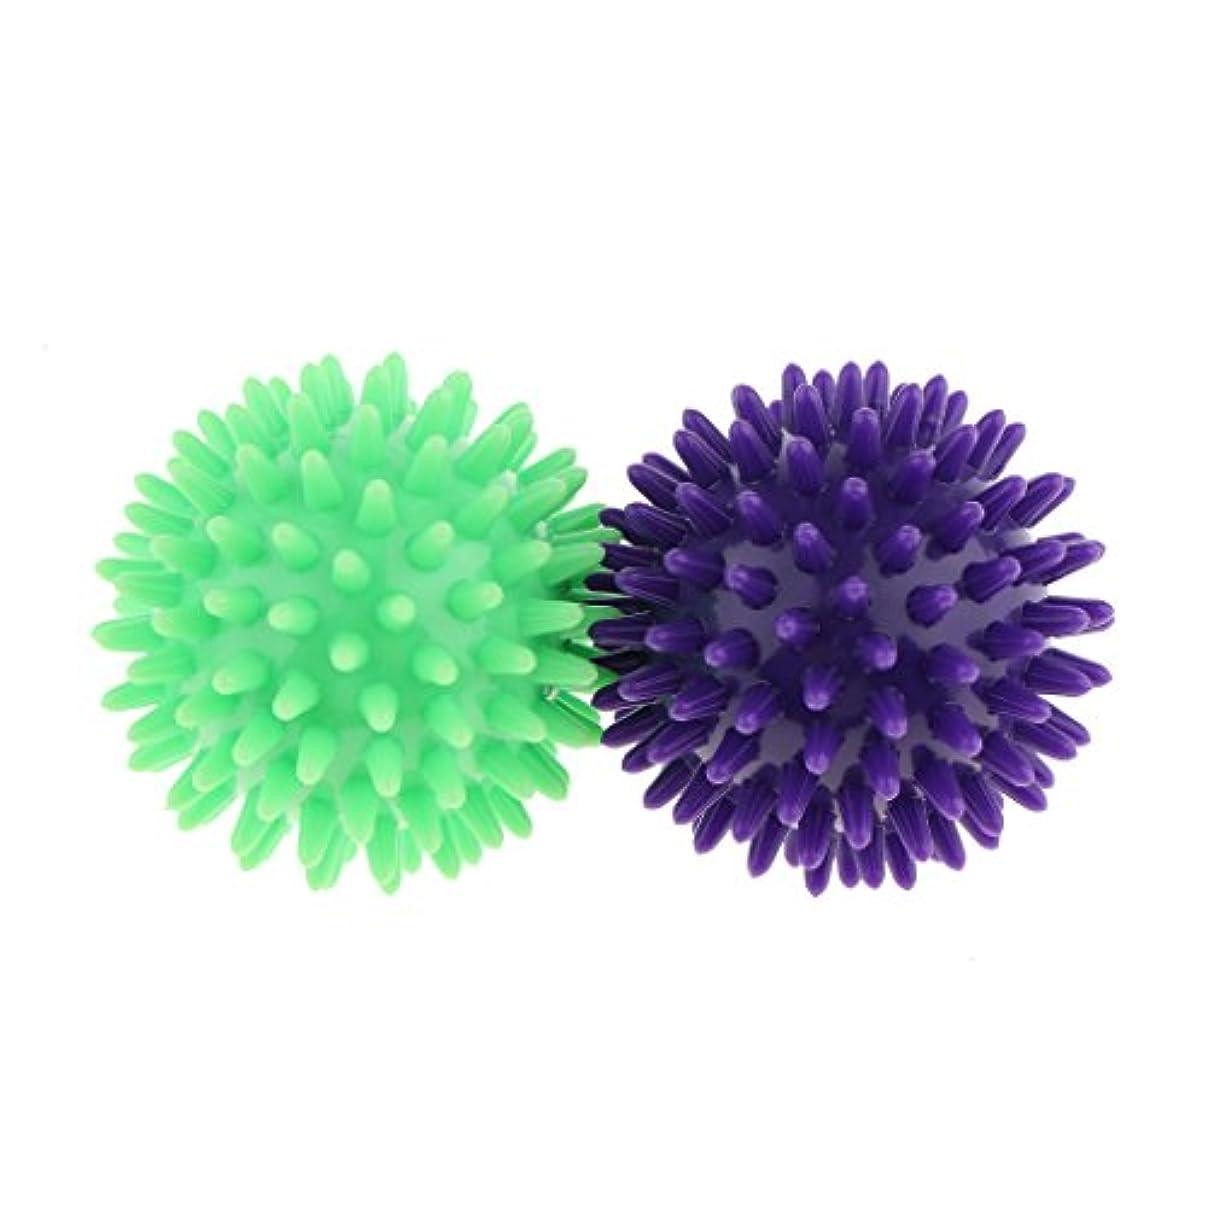 誘発する腐敗変色するマッサージボール スパイシー マッサージ ボール ボディトリガー ポイント 2個セット 3タイプ選べ - 紫ライトグリーン